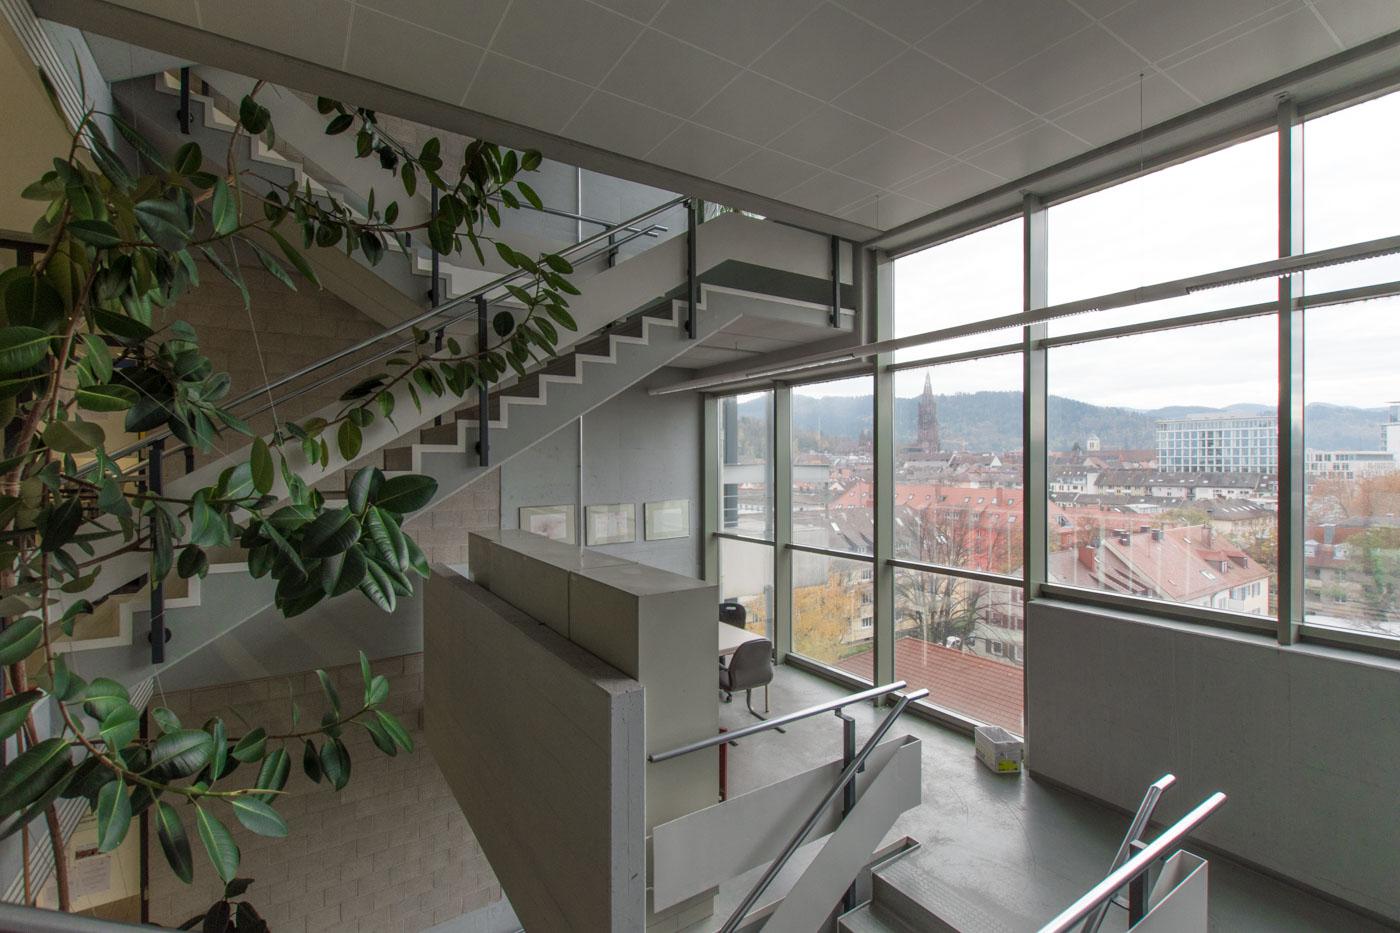 Fenster im Treppenhaus der Chemie